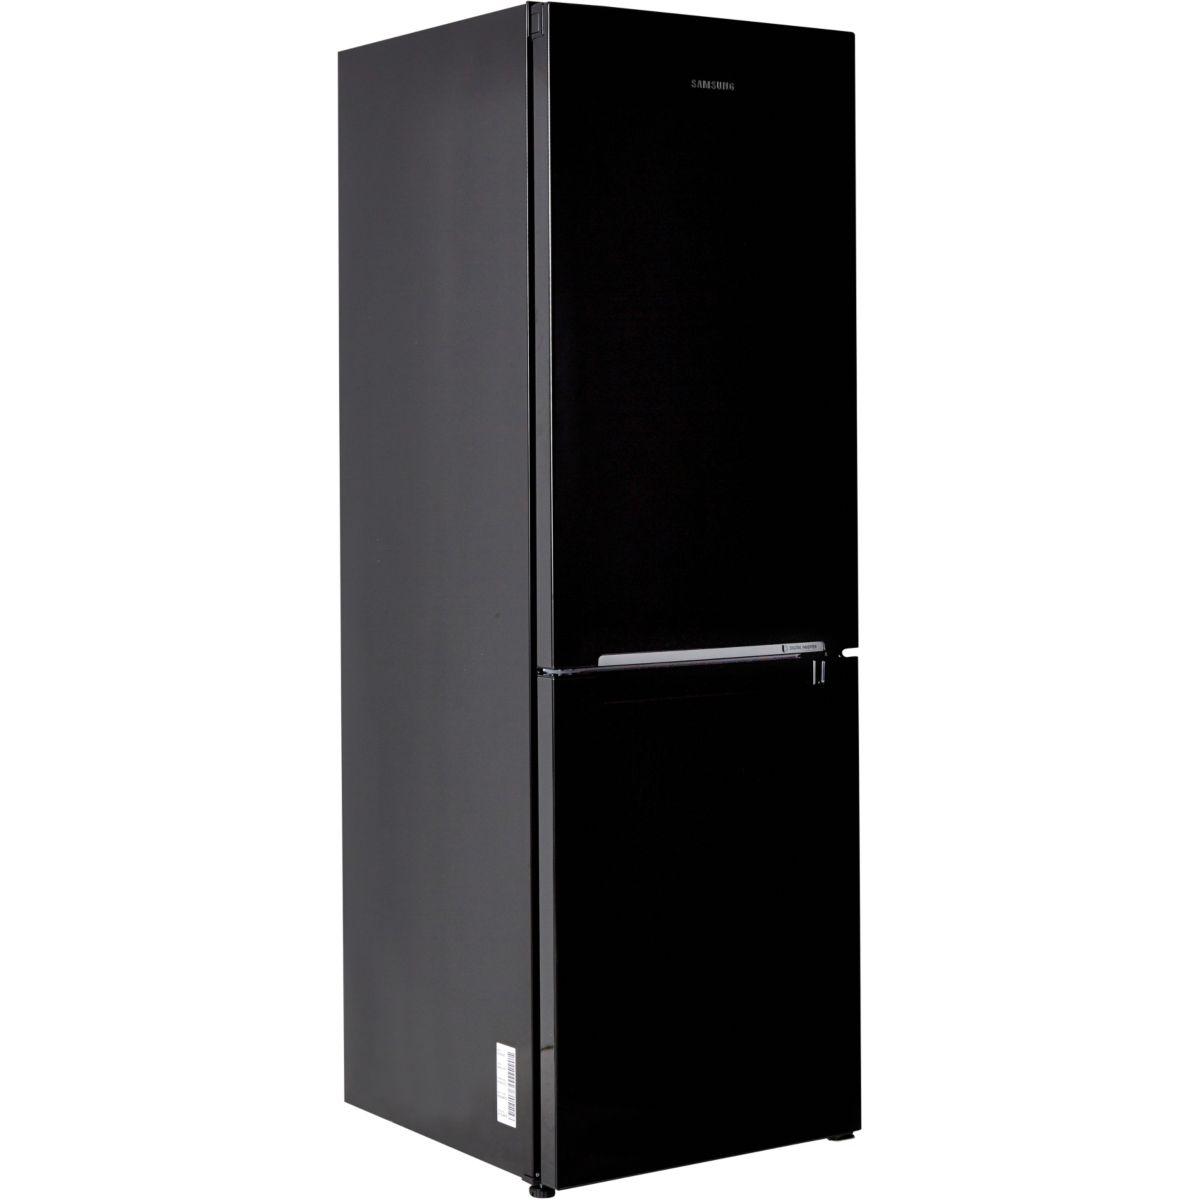 refrigerateurs samsung en promo ou en soldes 75 discount total. Black Bedroom Furniture Sets. Home Design Ideas